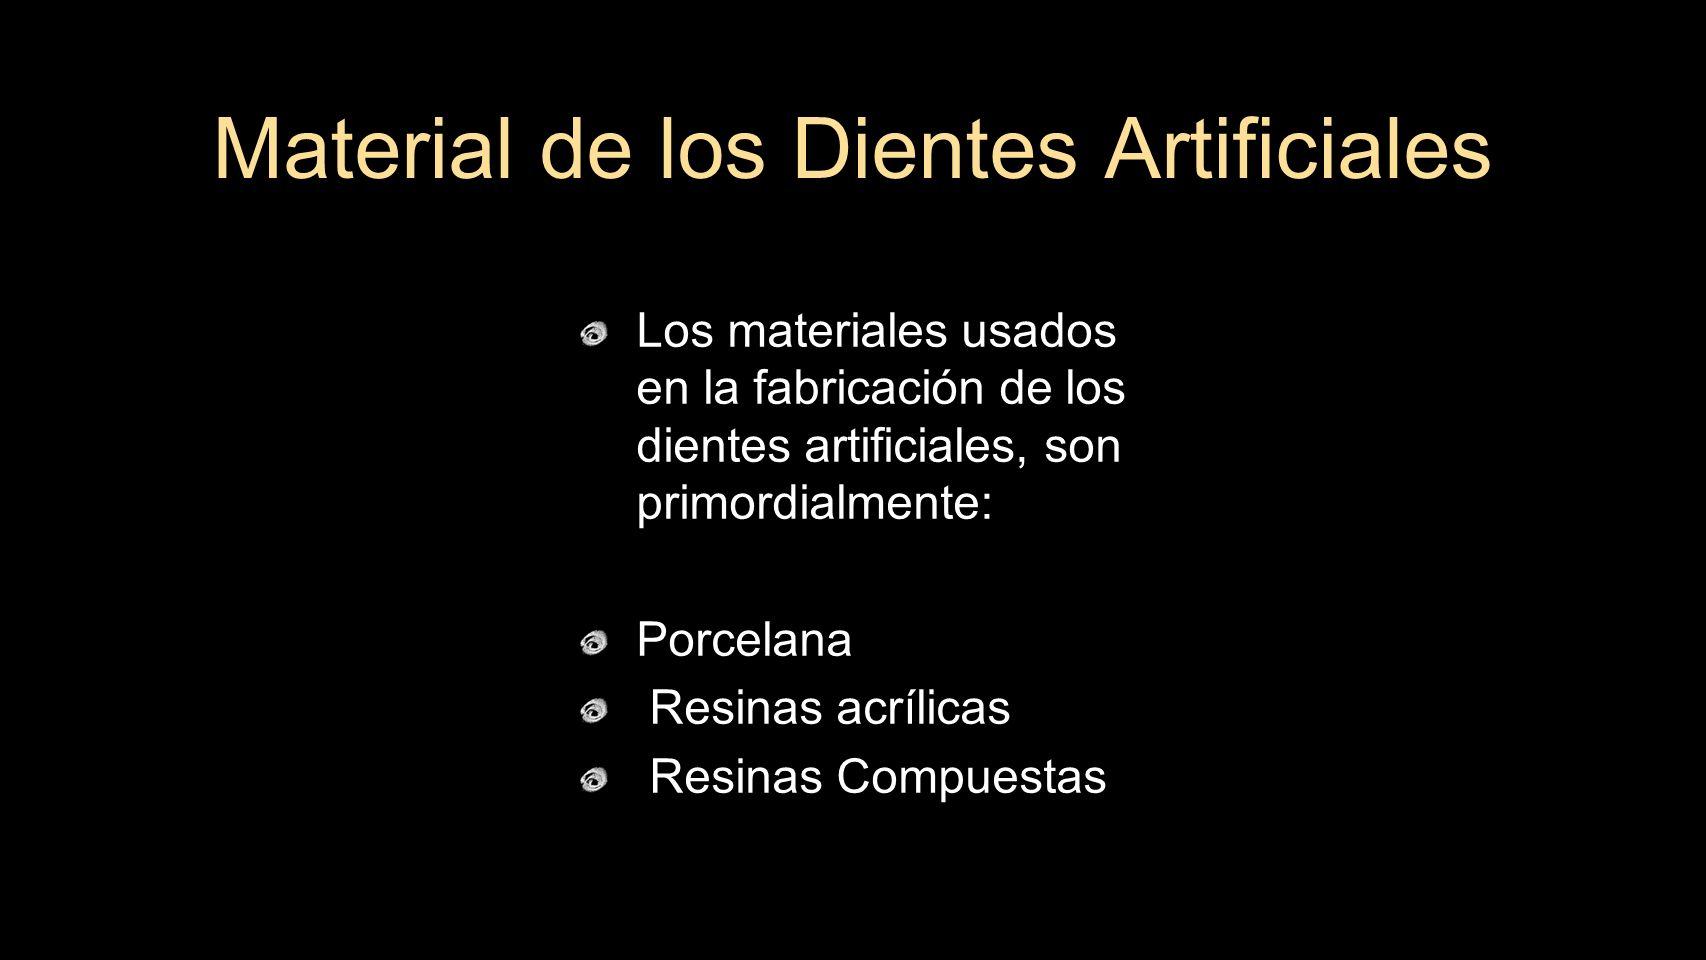 Material de los Dientes Artificiales